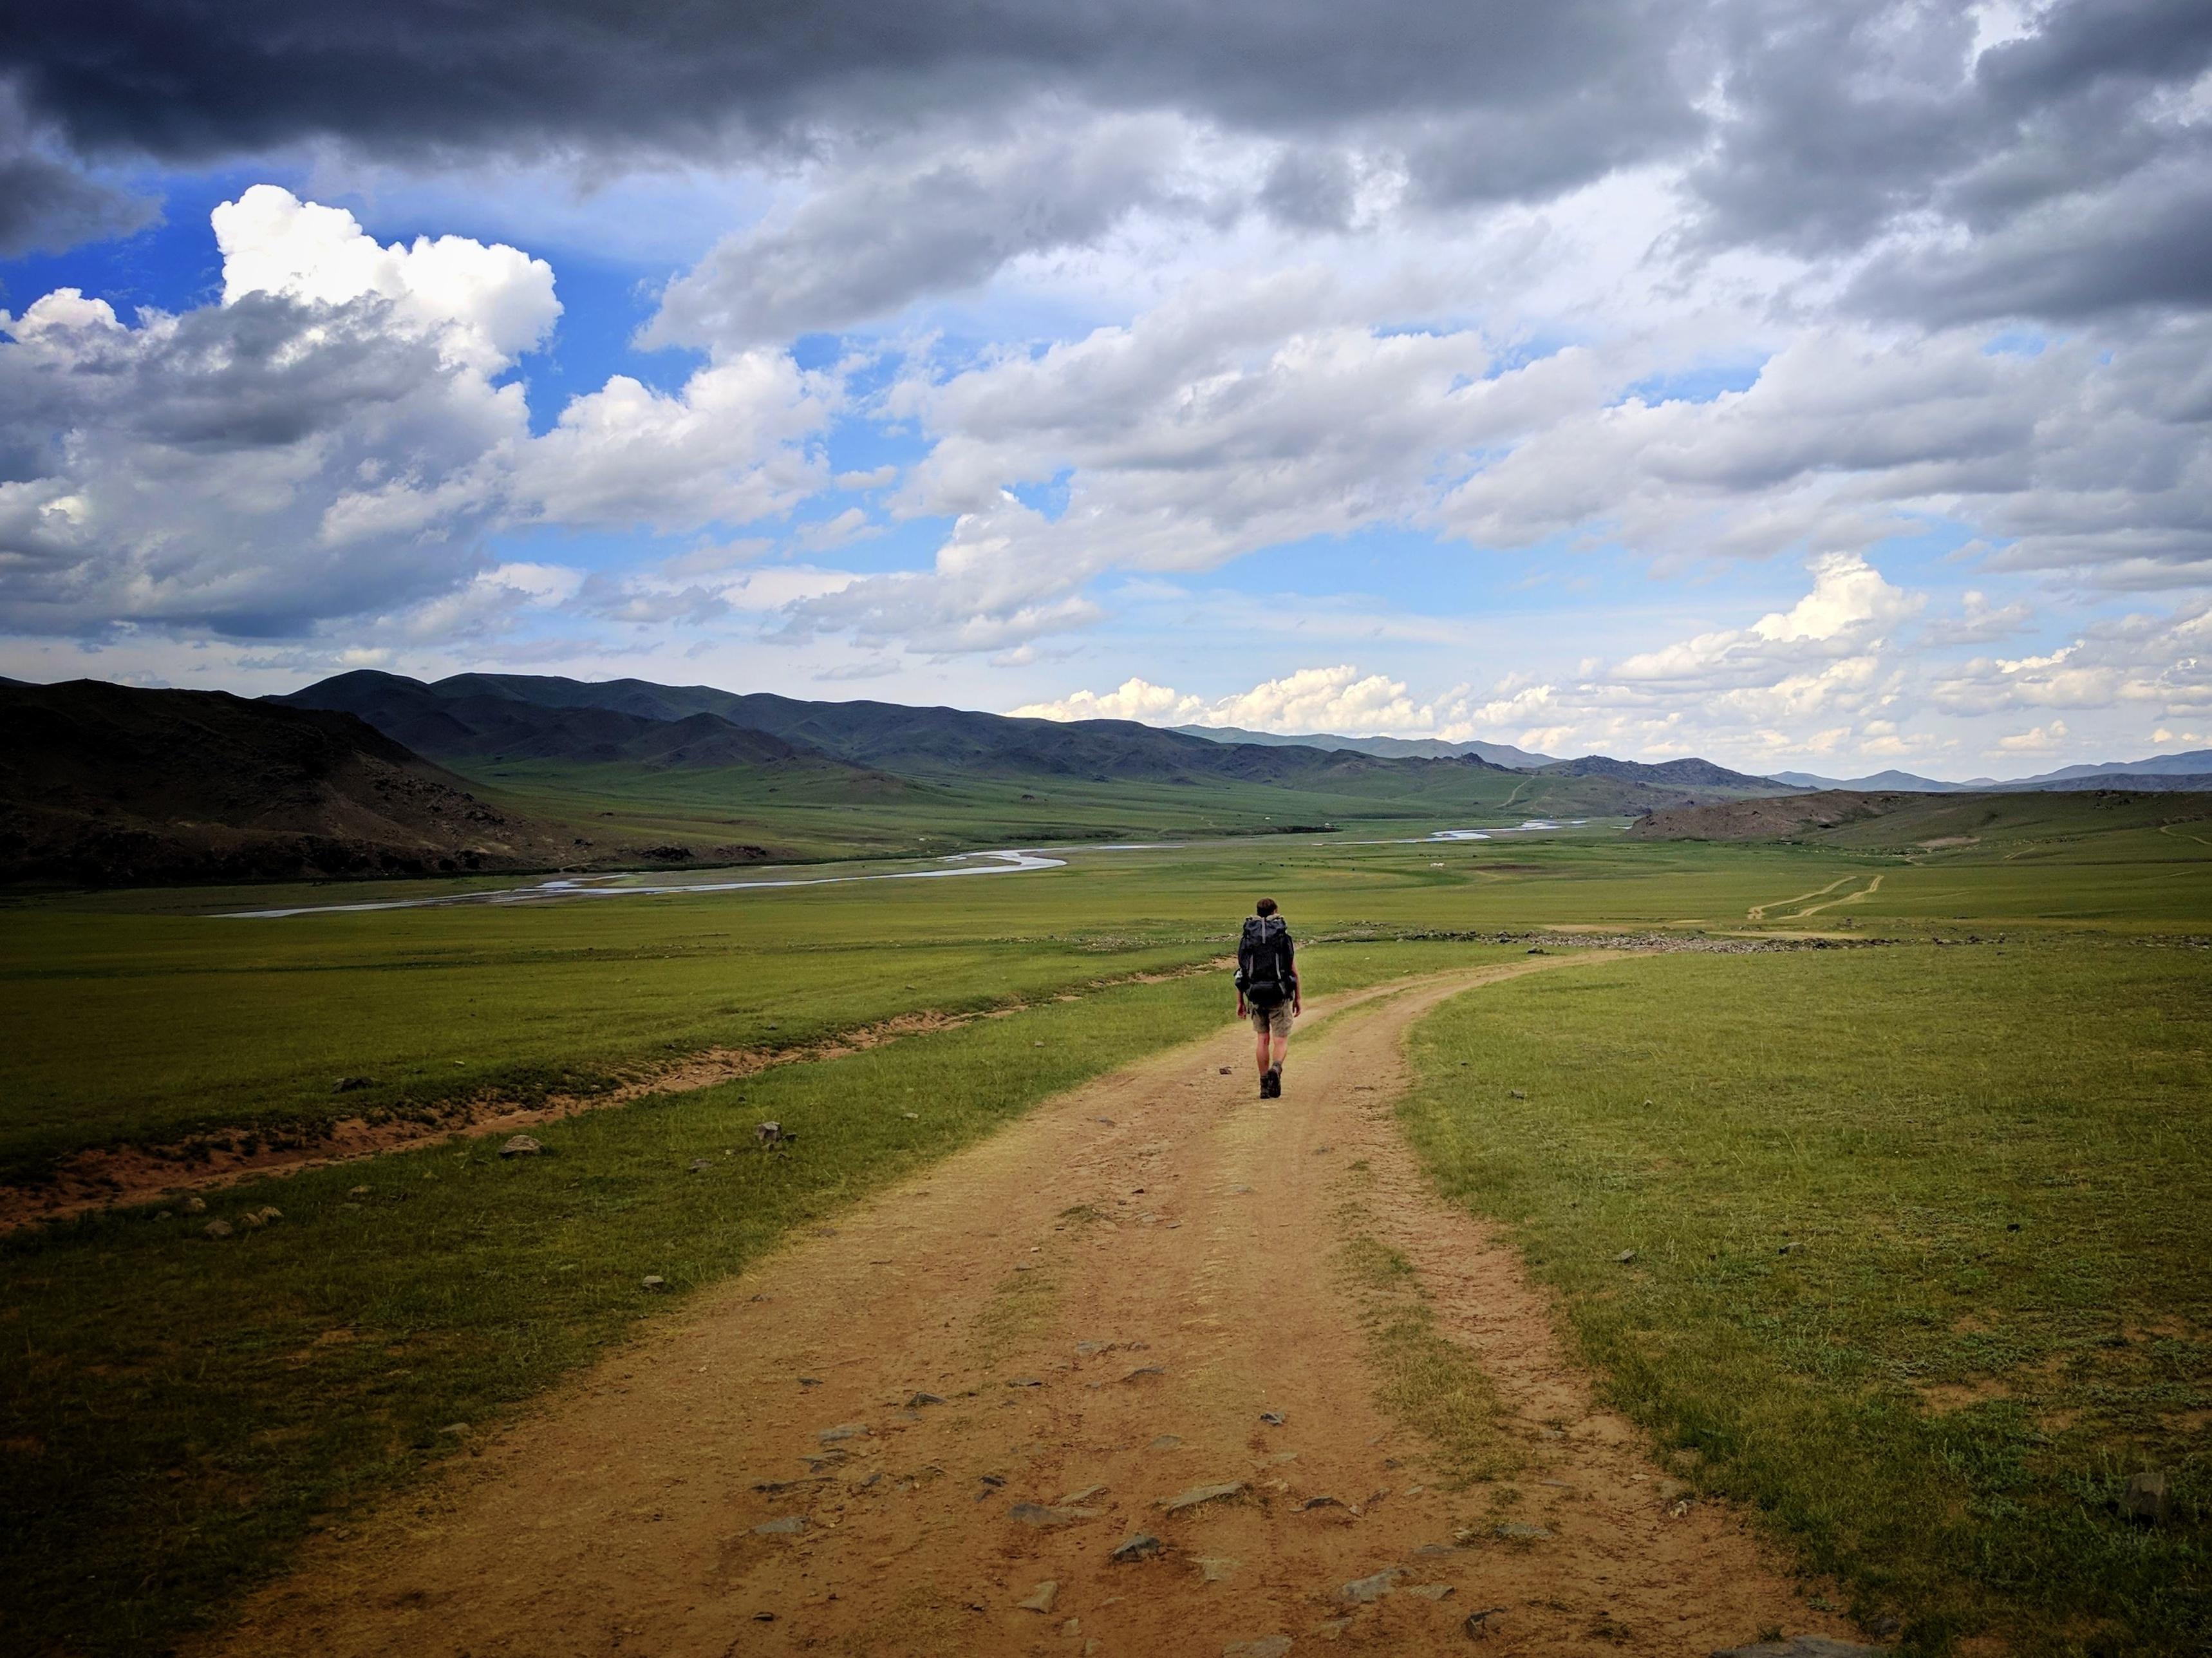 Thijs wandelt door de vallei